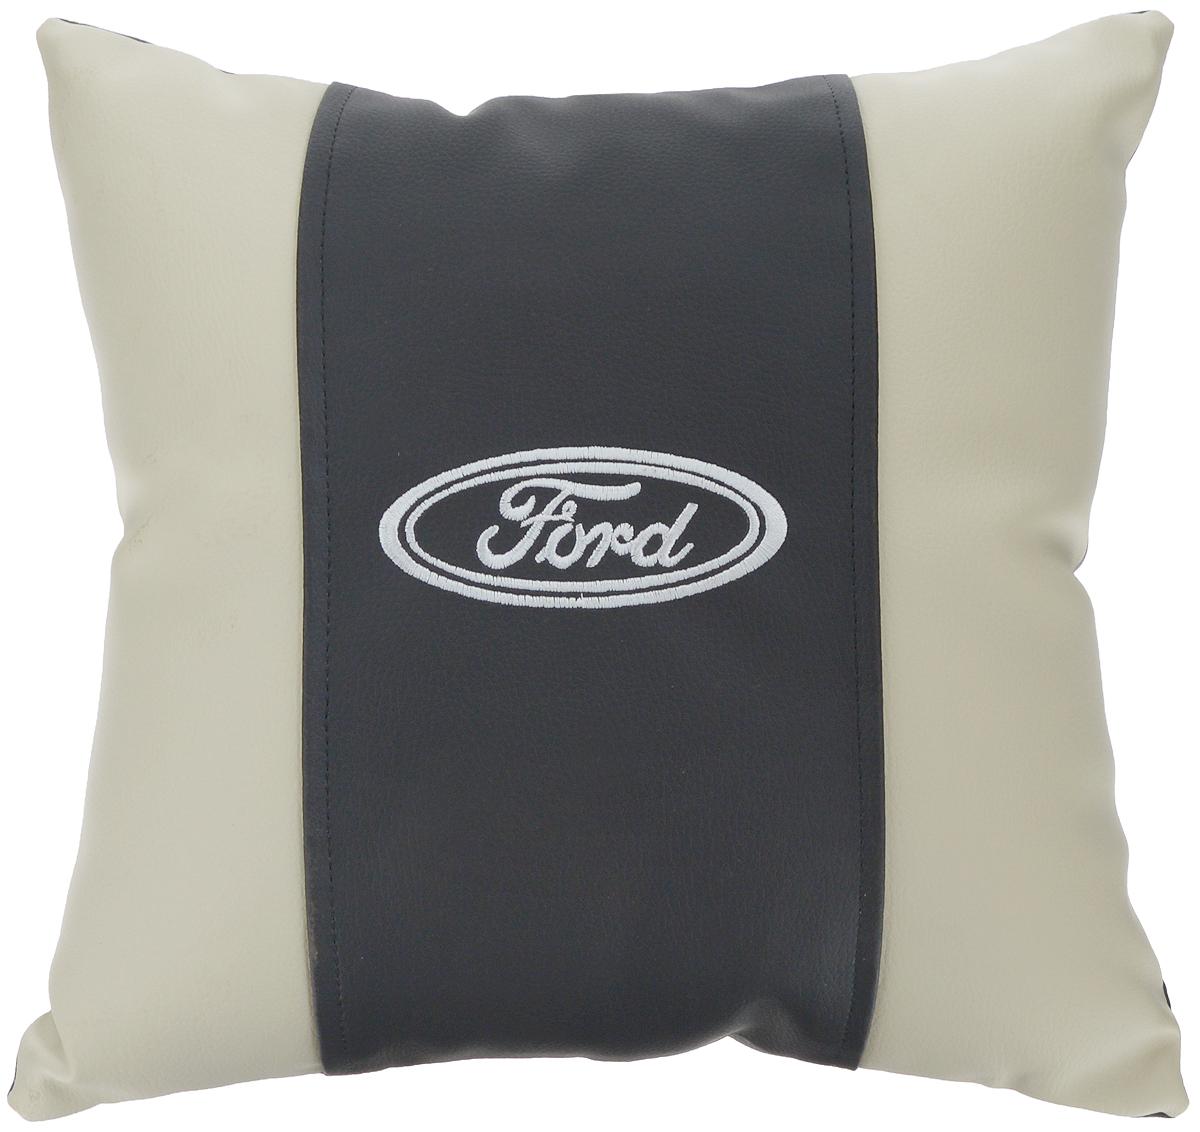 Подушка на сиденье Autoparts Ford, 30 х 30 см98298130Подушка на сиденье Autoparts Ford создана для тех, кто весь свой день вынужден проводить за рулем. Чехол выполнен из высококачественной дышащей экокожи. Наполнителем служит холлофайбер. На задней части подушки имеется змейка.Особенности подушки:- Хорошо проветривается.- Предупреждает потение.- Поддерживает комфортную температуру.- Обминается по форме тела.- Улучшает кровообращение.- Исключает затечные явления.- Предупреждает развитие заболеваний, связанных с сидячим образом жизни. Подушка также будет полезна и дома - при работе за компьютером, школьникам - при выполнении домашних работ, да и в любимом кресле перед телевизором.